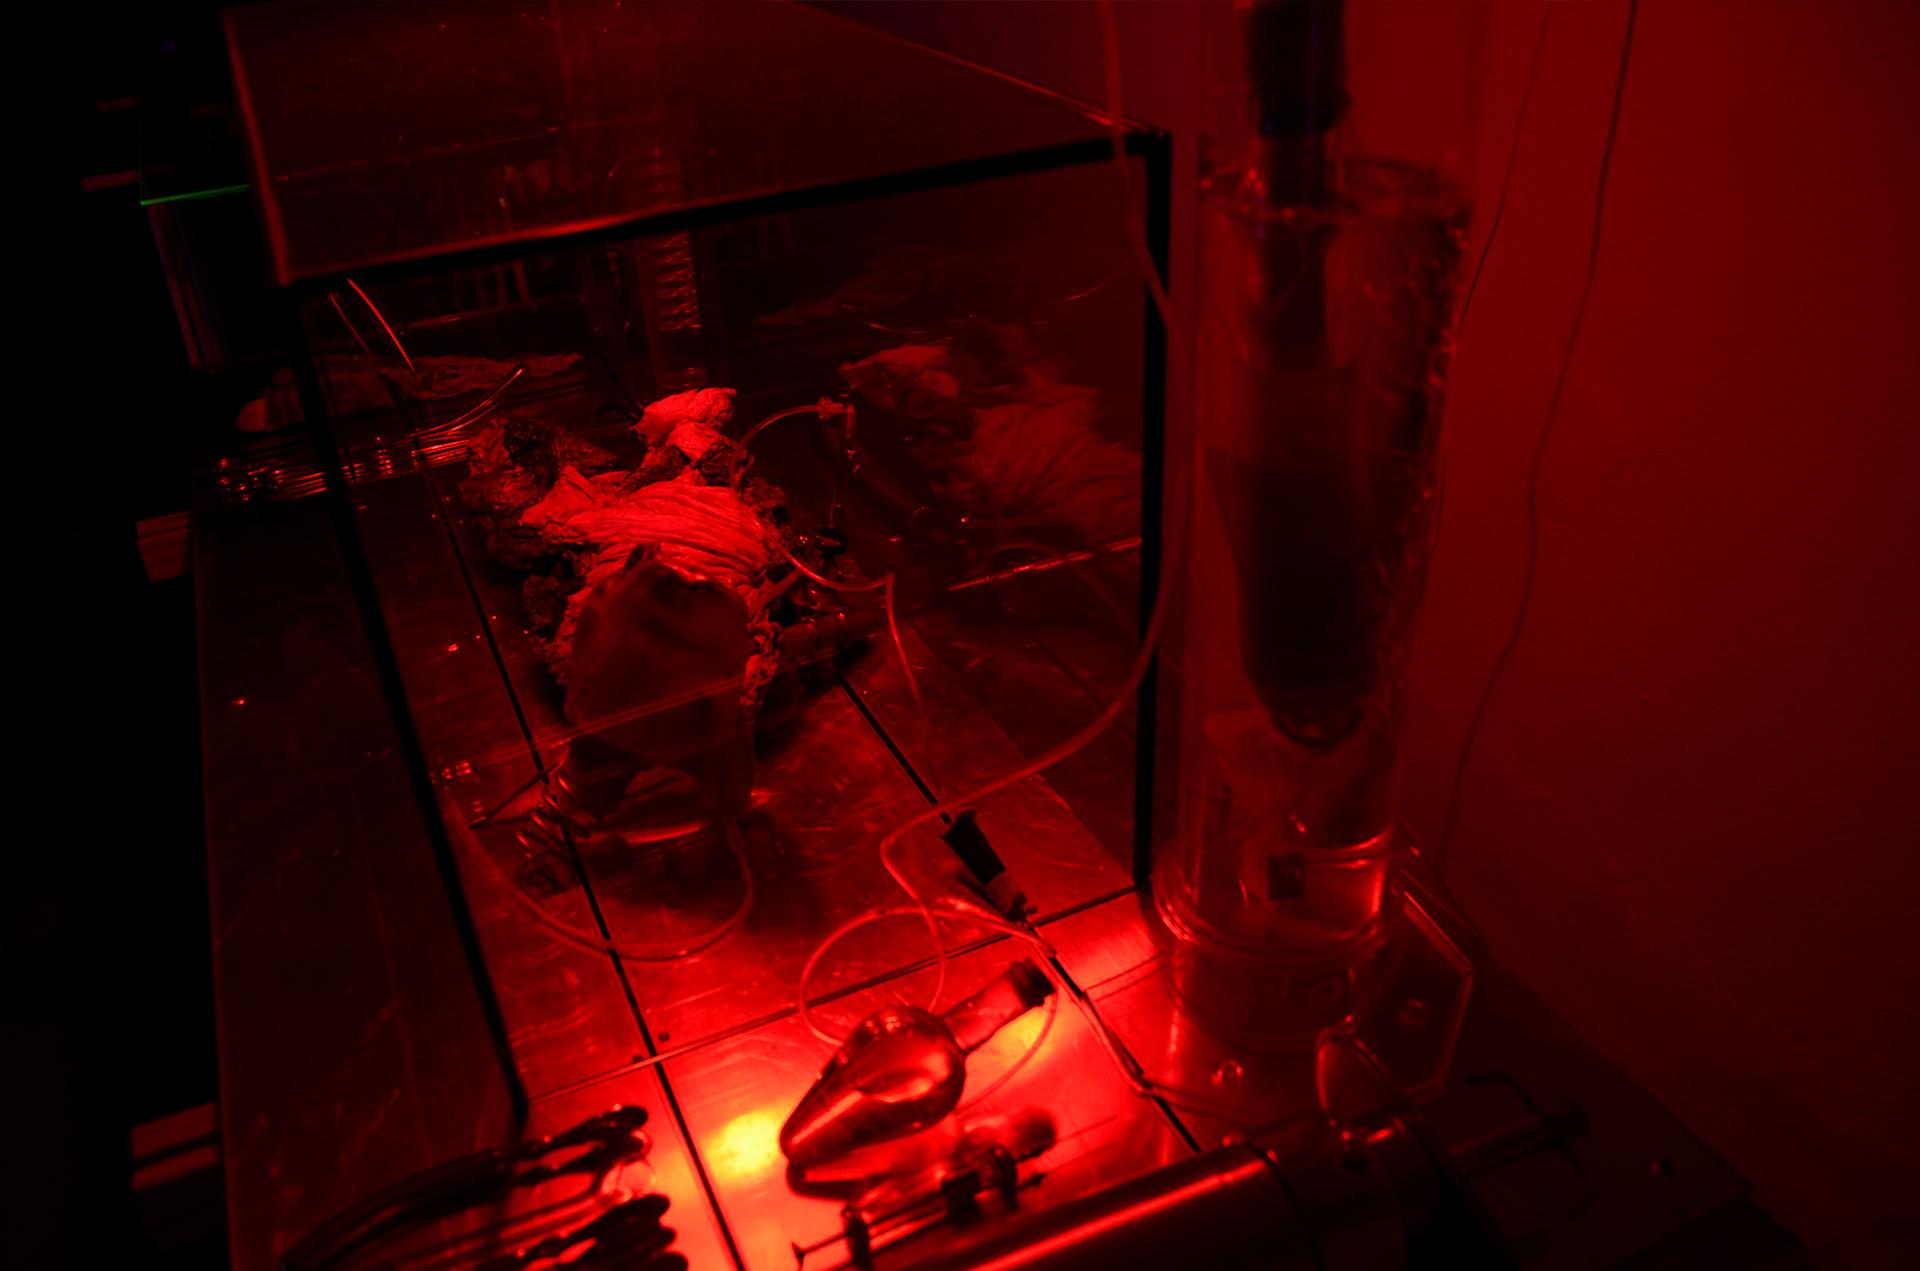 Ausstellungsansicht der Installation Transnature von Stefan Zoellner im Saarländischen Künstlerhaus | Roter Labortisch